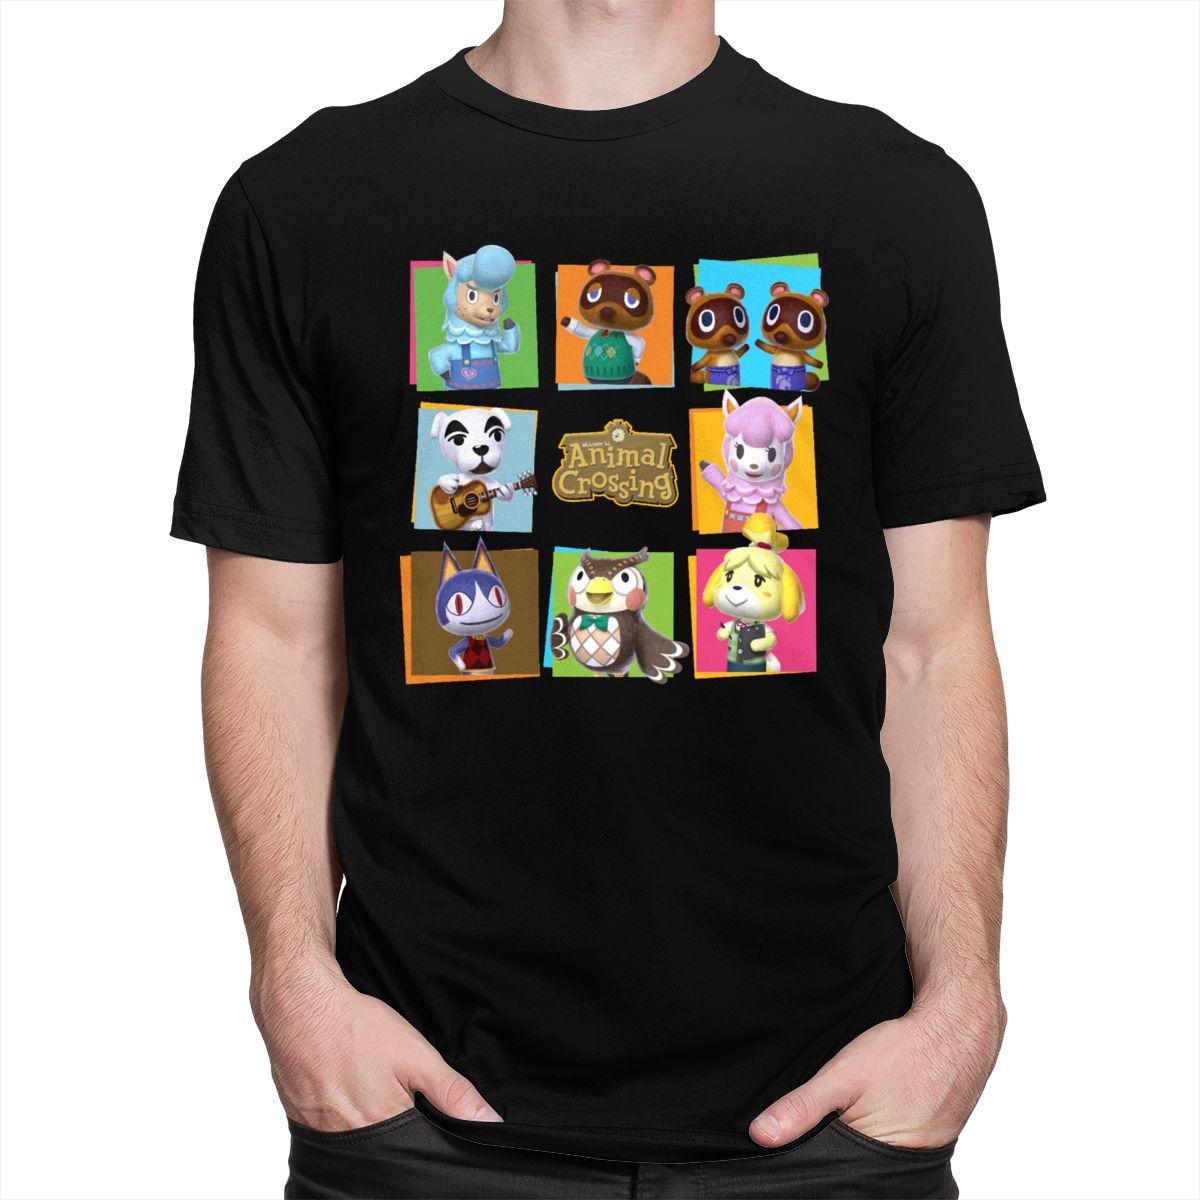 Animal croisement groupe T-shirt hommes 100% coton jeu vidéo t-shirts col rond manches courtes imprimé T-shirt Merch Gaming amant vêtements